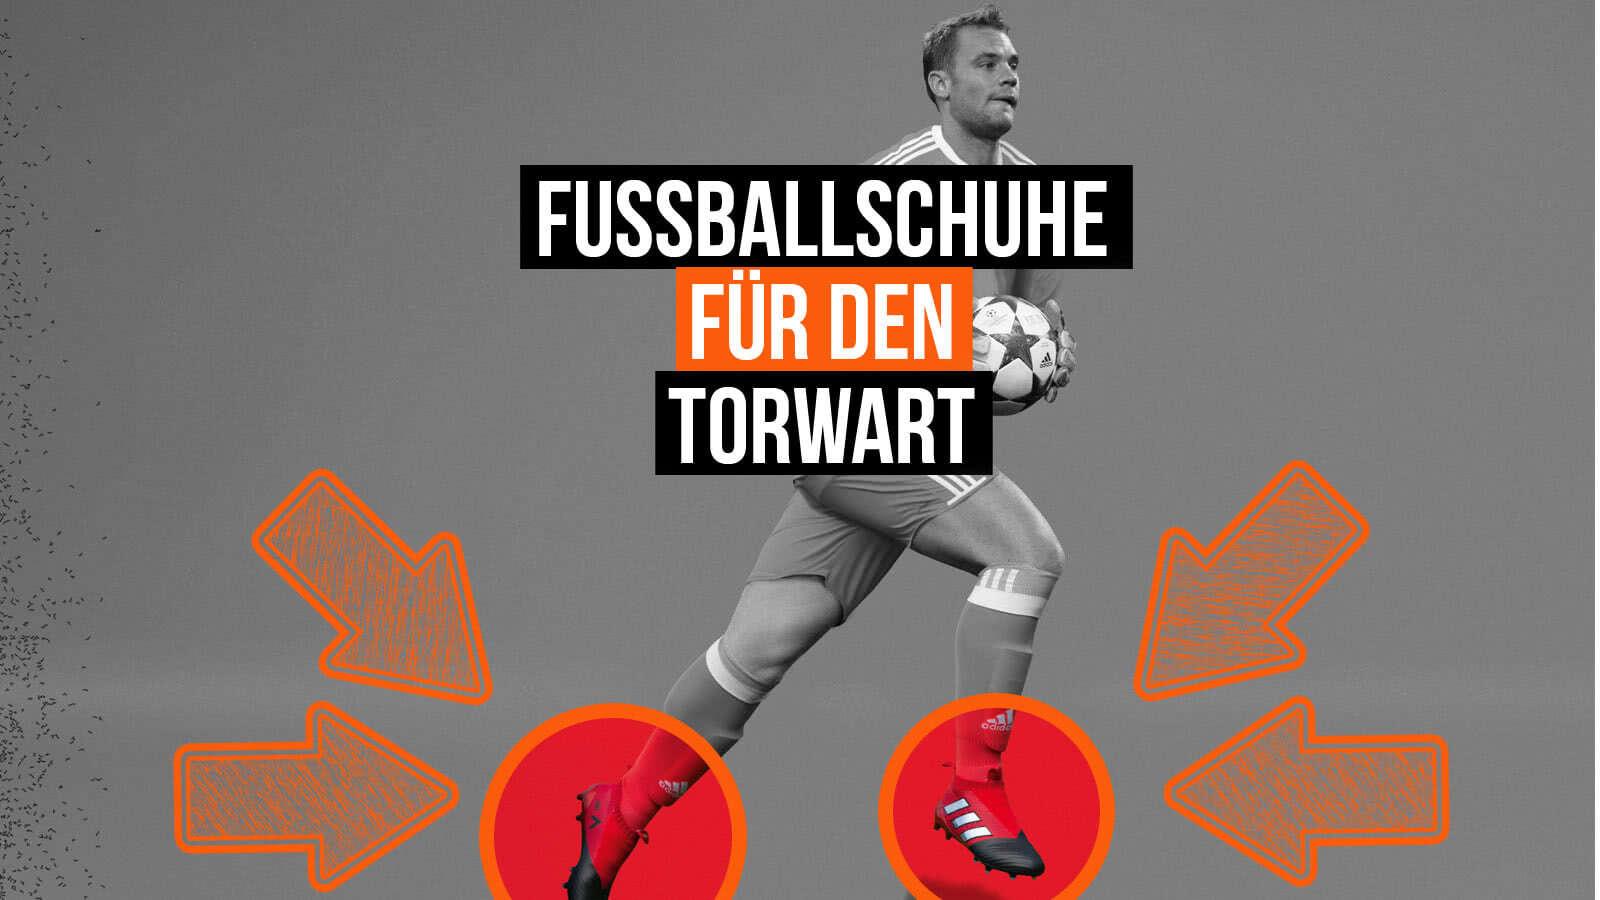 Empfehlungen für Fußballschuhe der Torhüter. Torwart Fußballschuhe